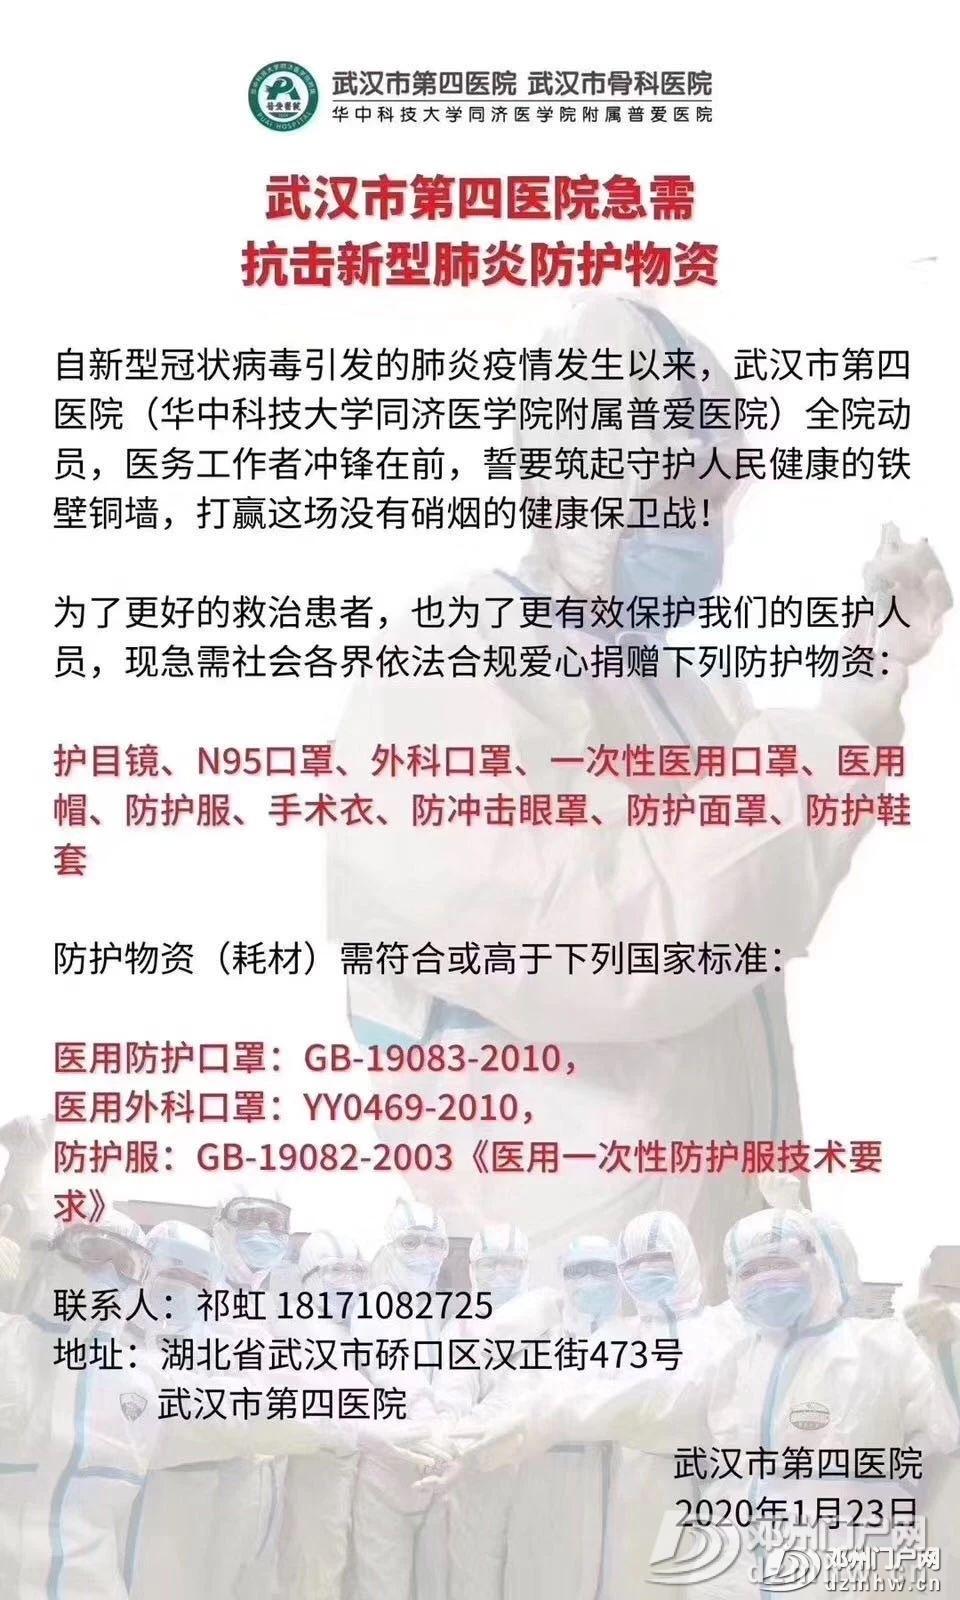 武汉医生向全国发出声嘶力竭的SOS求援信号! - 邓州门户网|邓州网 - 52170fddaf427f257ca135e68d97e996.jpg